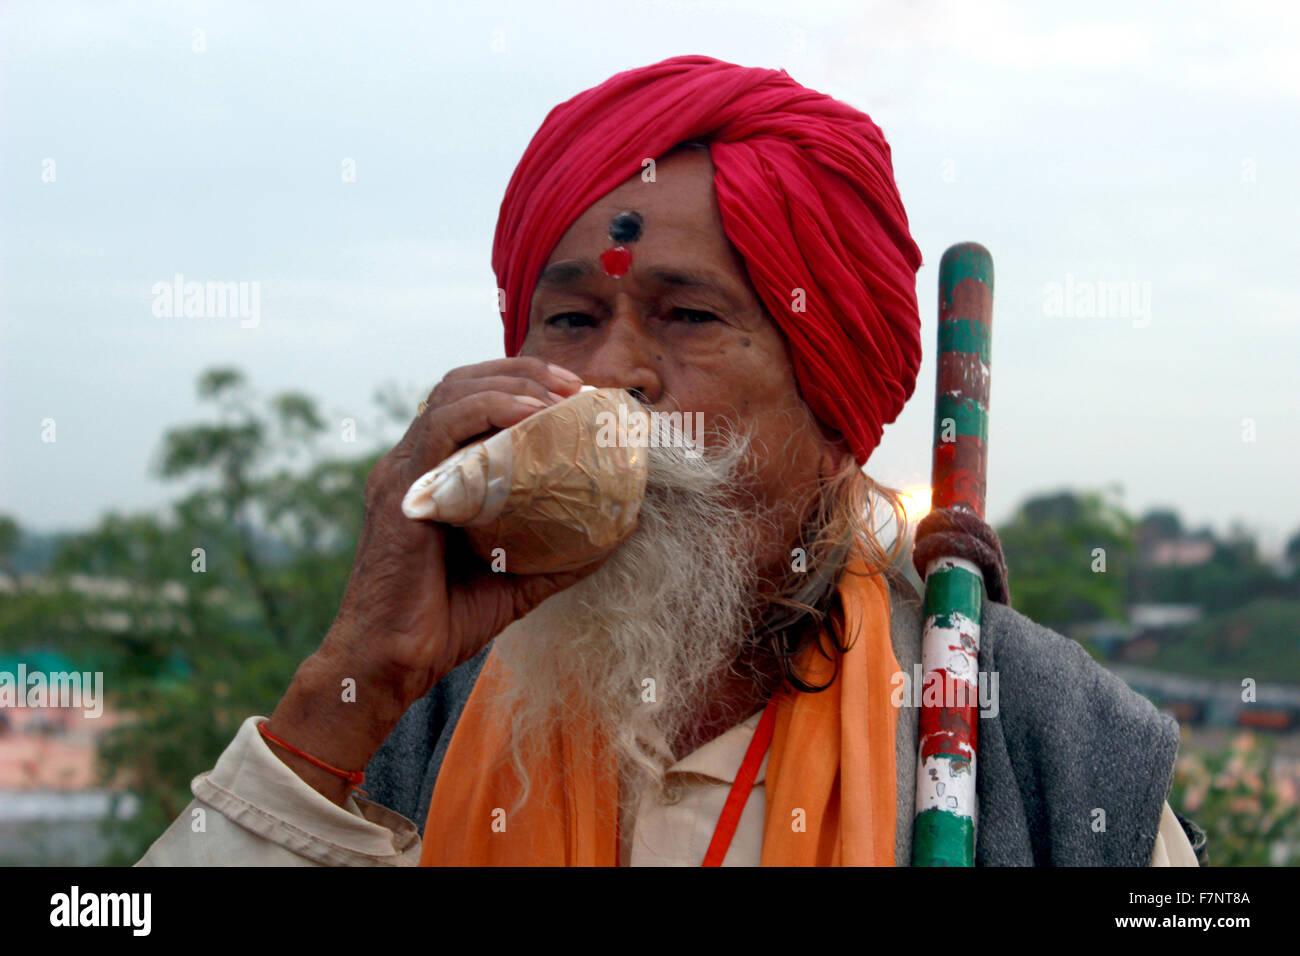 Sadhu blowing conch shell Kumbh Mela, Nasik, Maharashtra, India - Stock Image